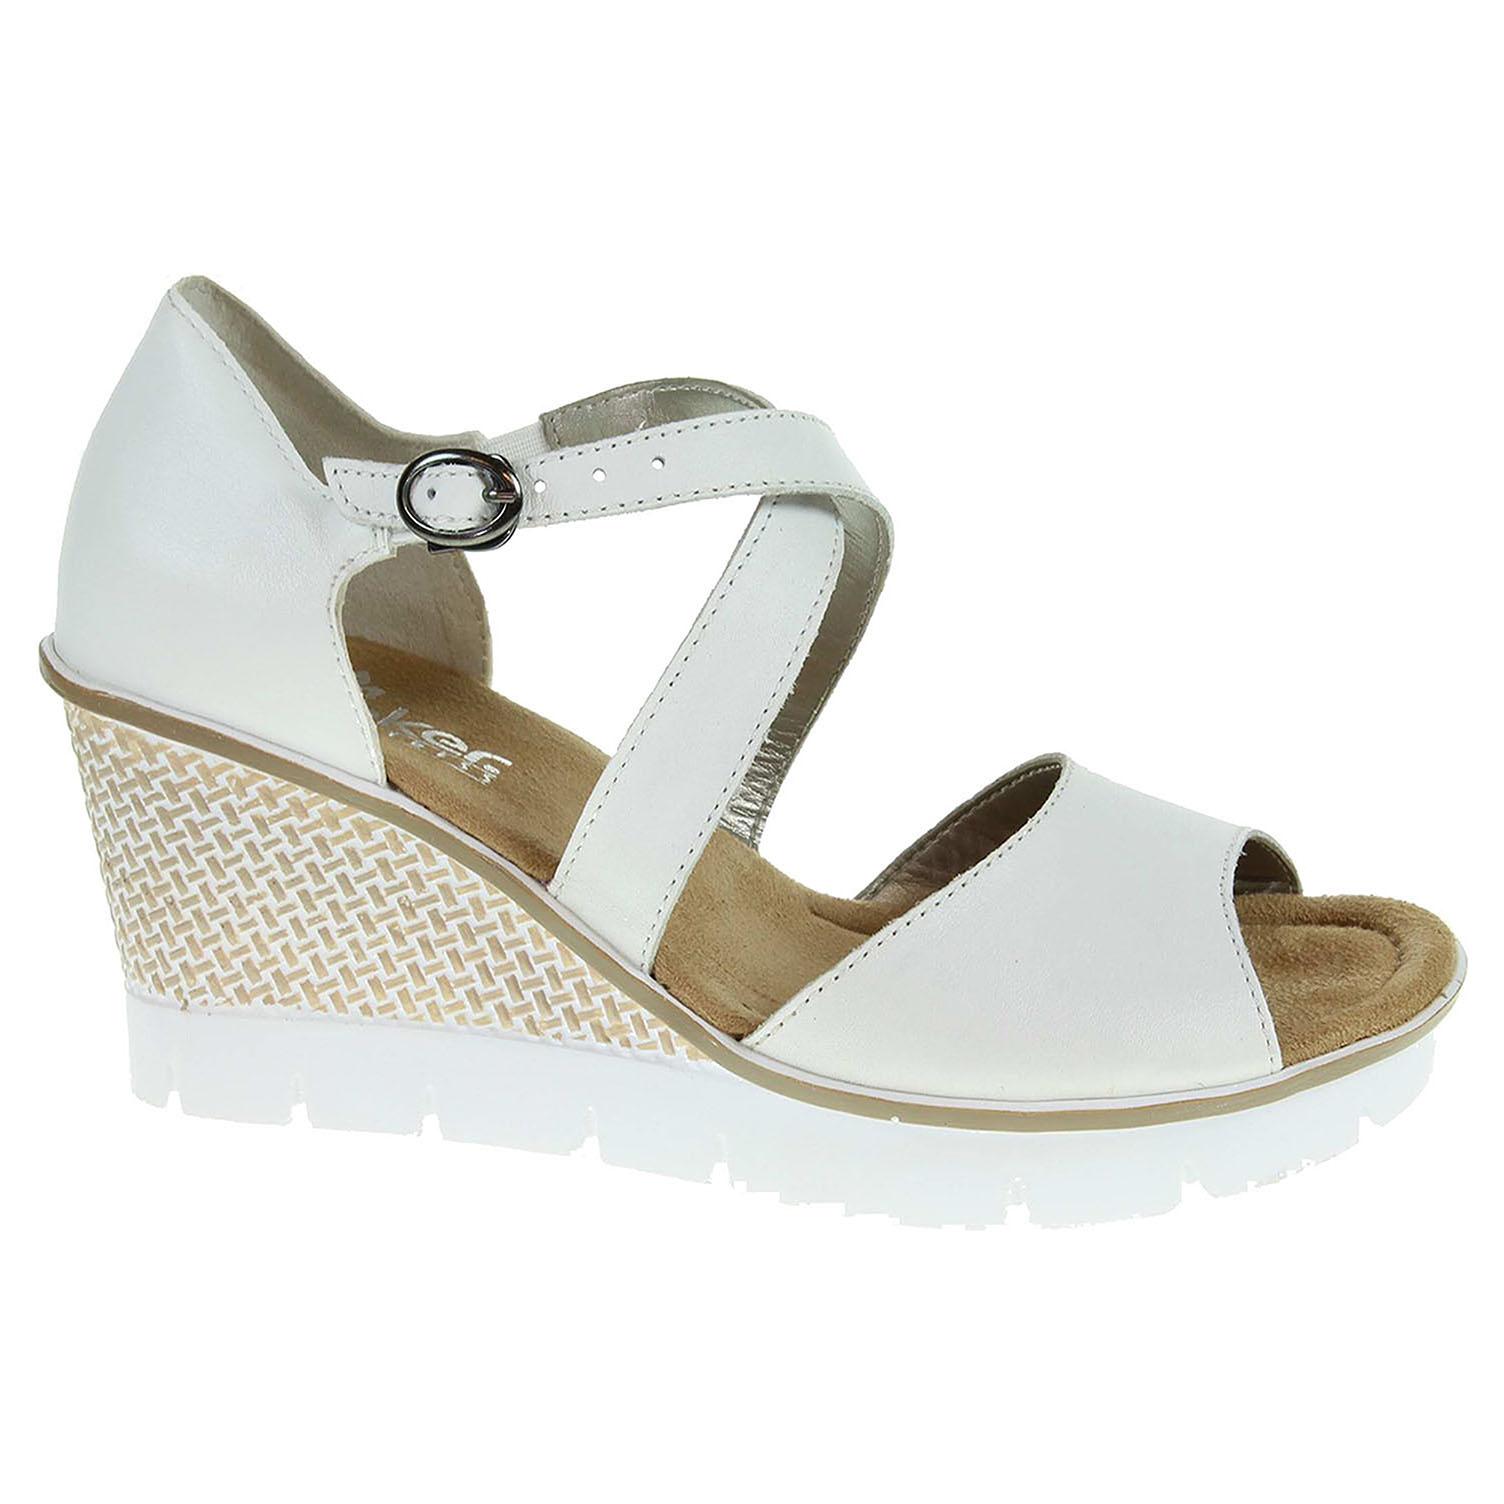 Dámské sandály Rieker 68548-80 bílé 40